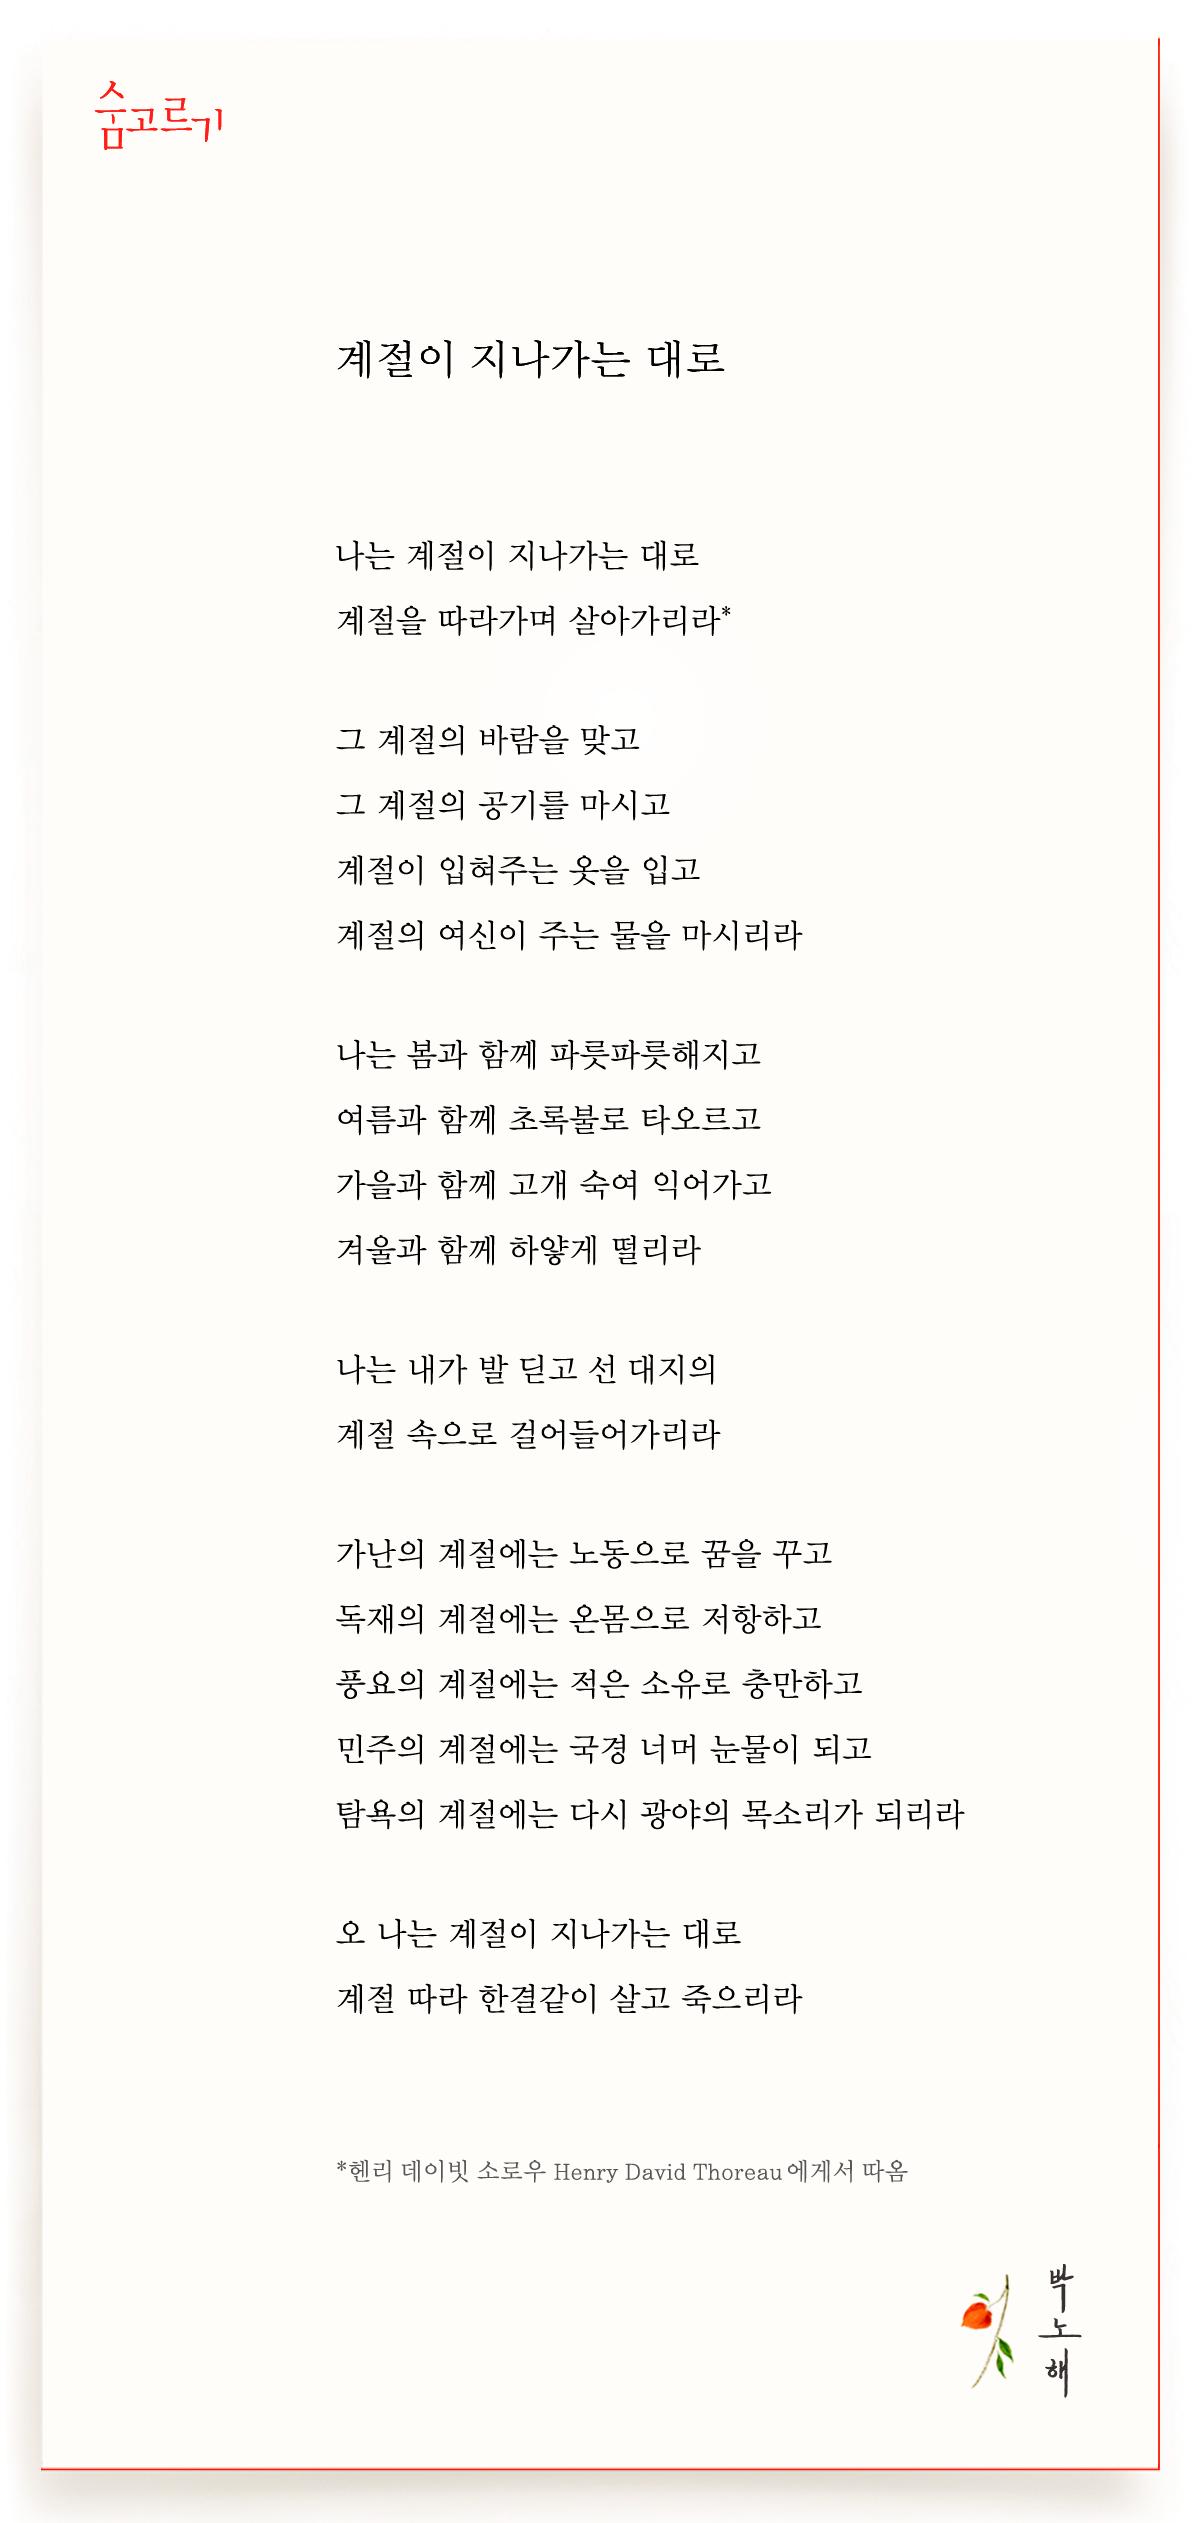 박노해의 숨고르기 계절이 지나가는 대로